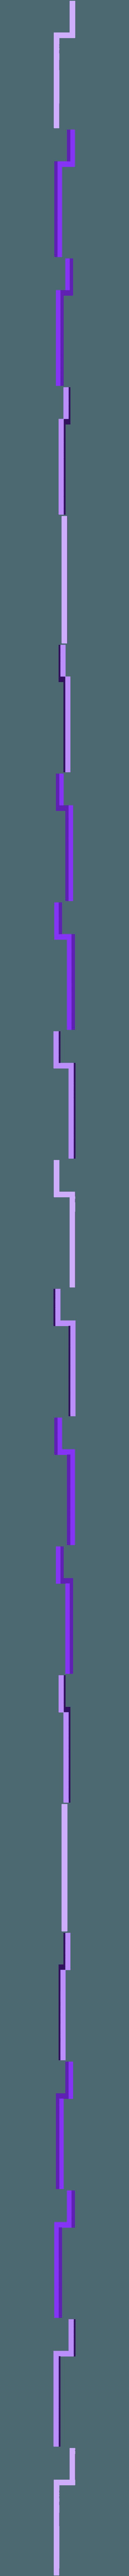 Axle.stl Télécharger fichier STL gratuit Coeur à engrenages, édition manivelle à main • Design pour impression 3D, gzumwalt